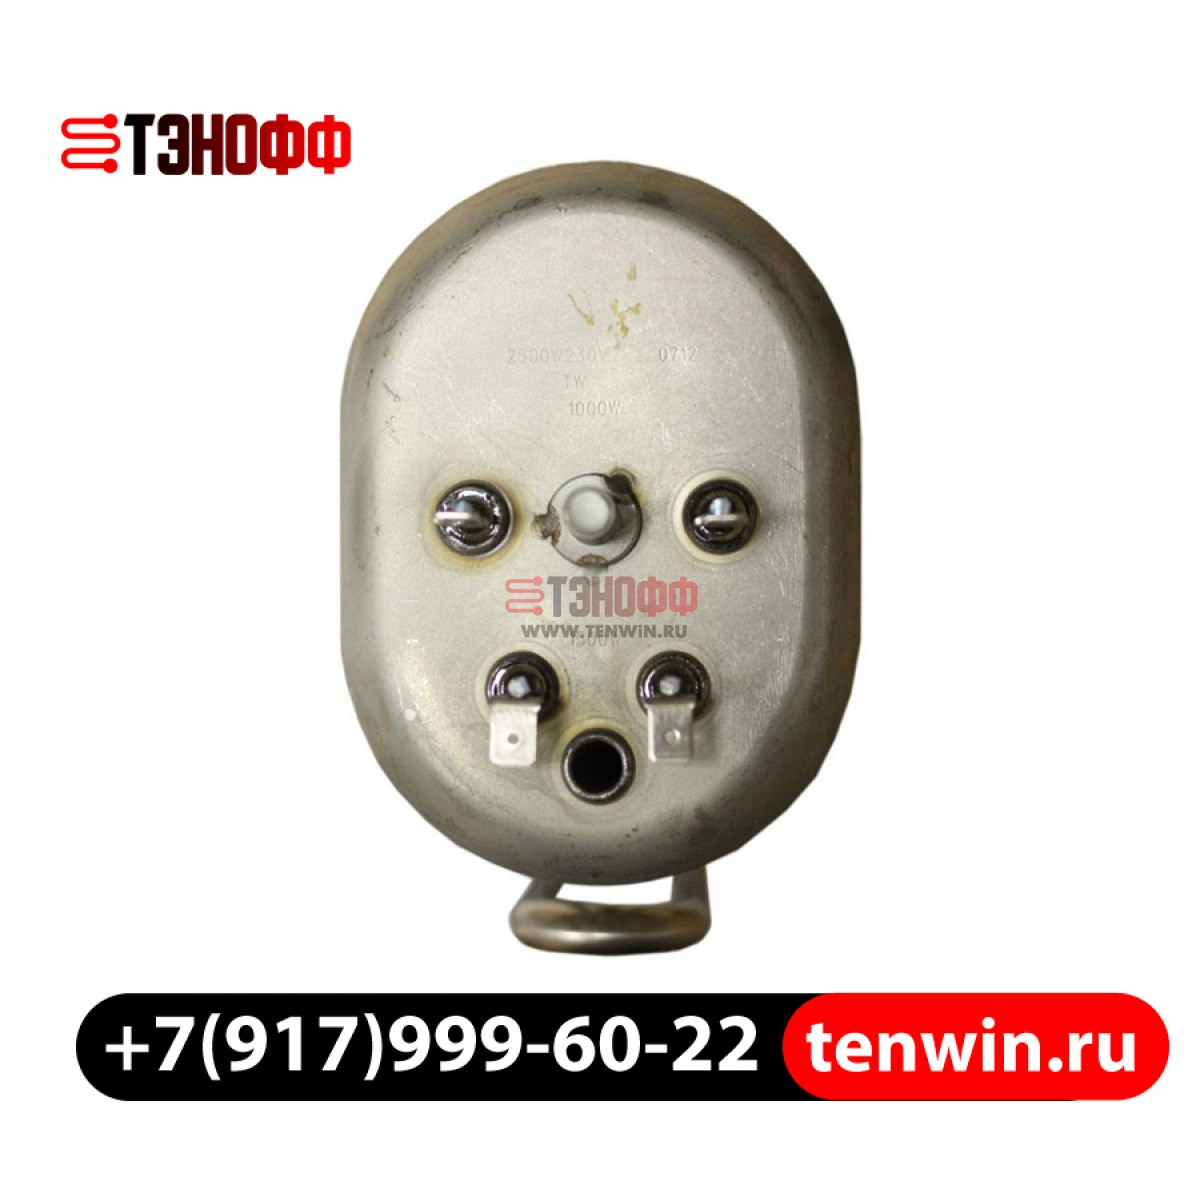 ТЭН 2500Вт овальный фланец для водонагревателя Ariston 65150909